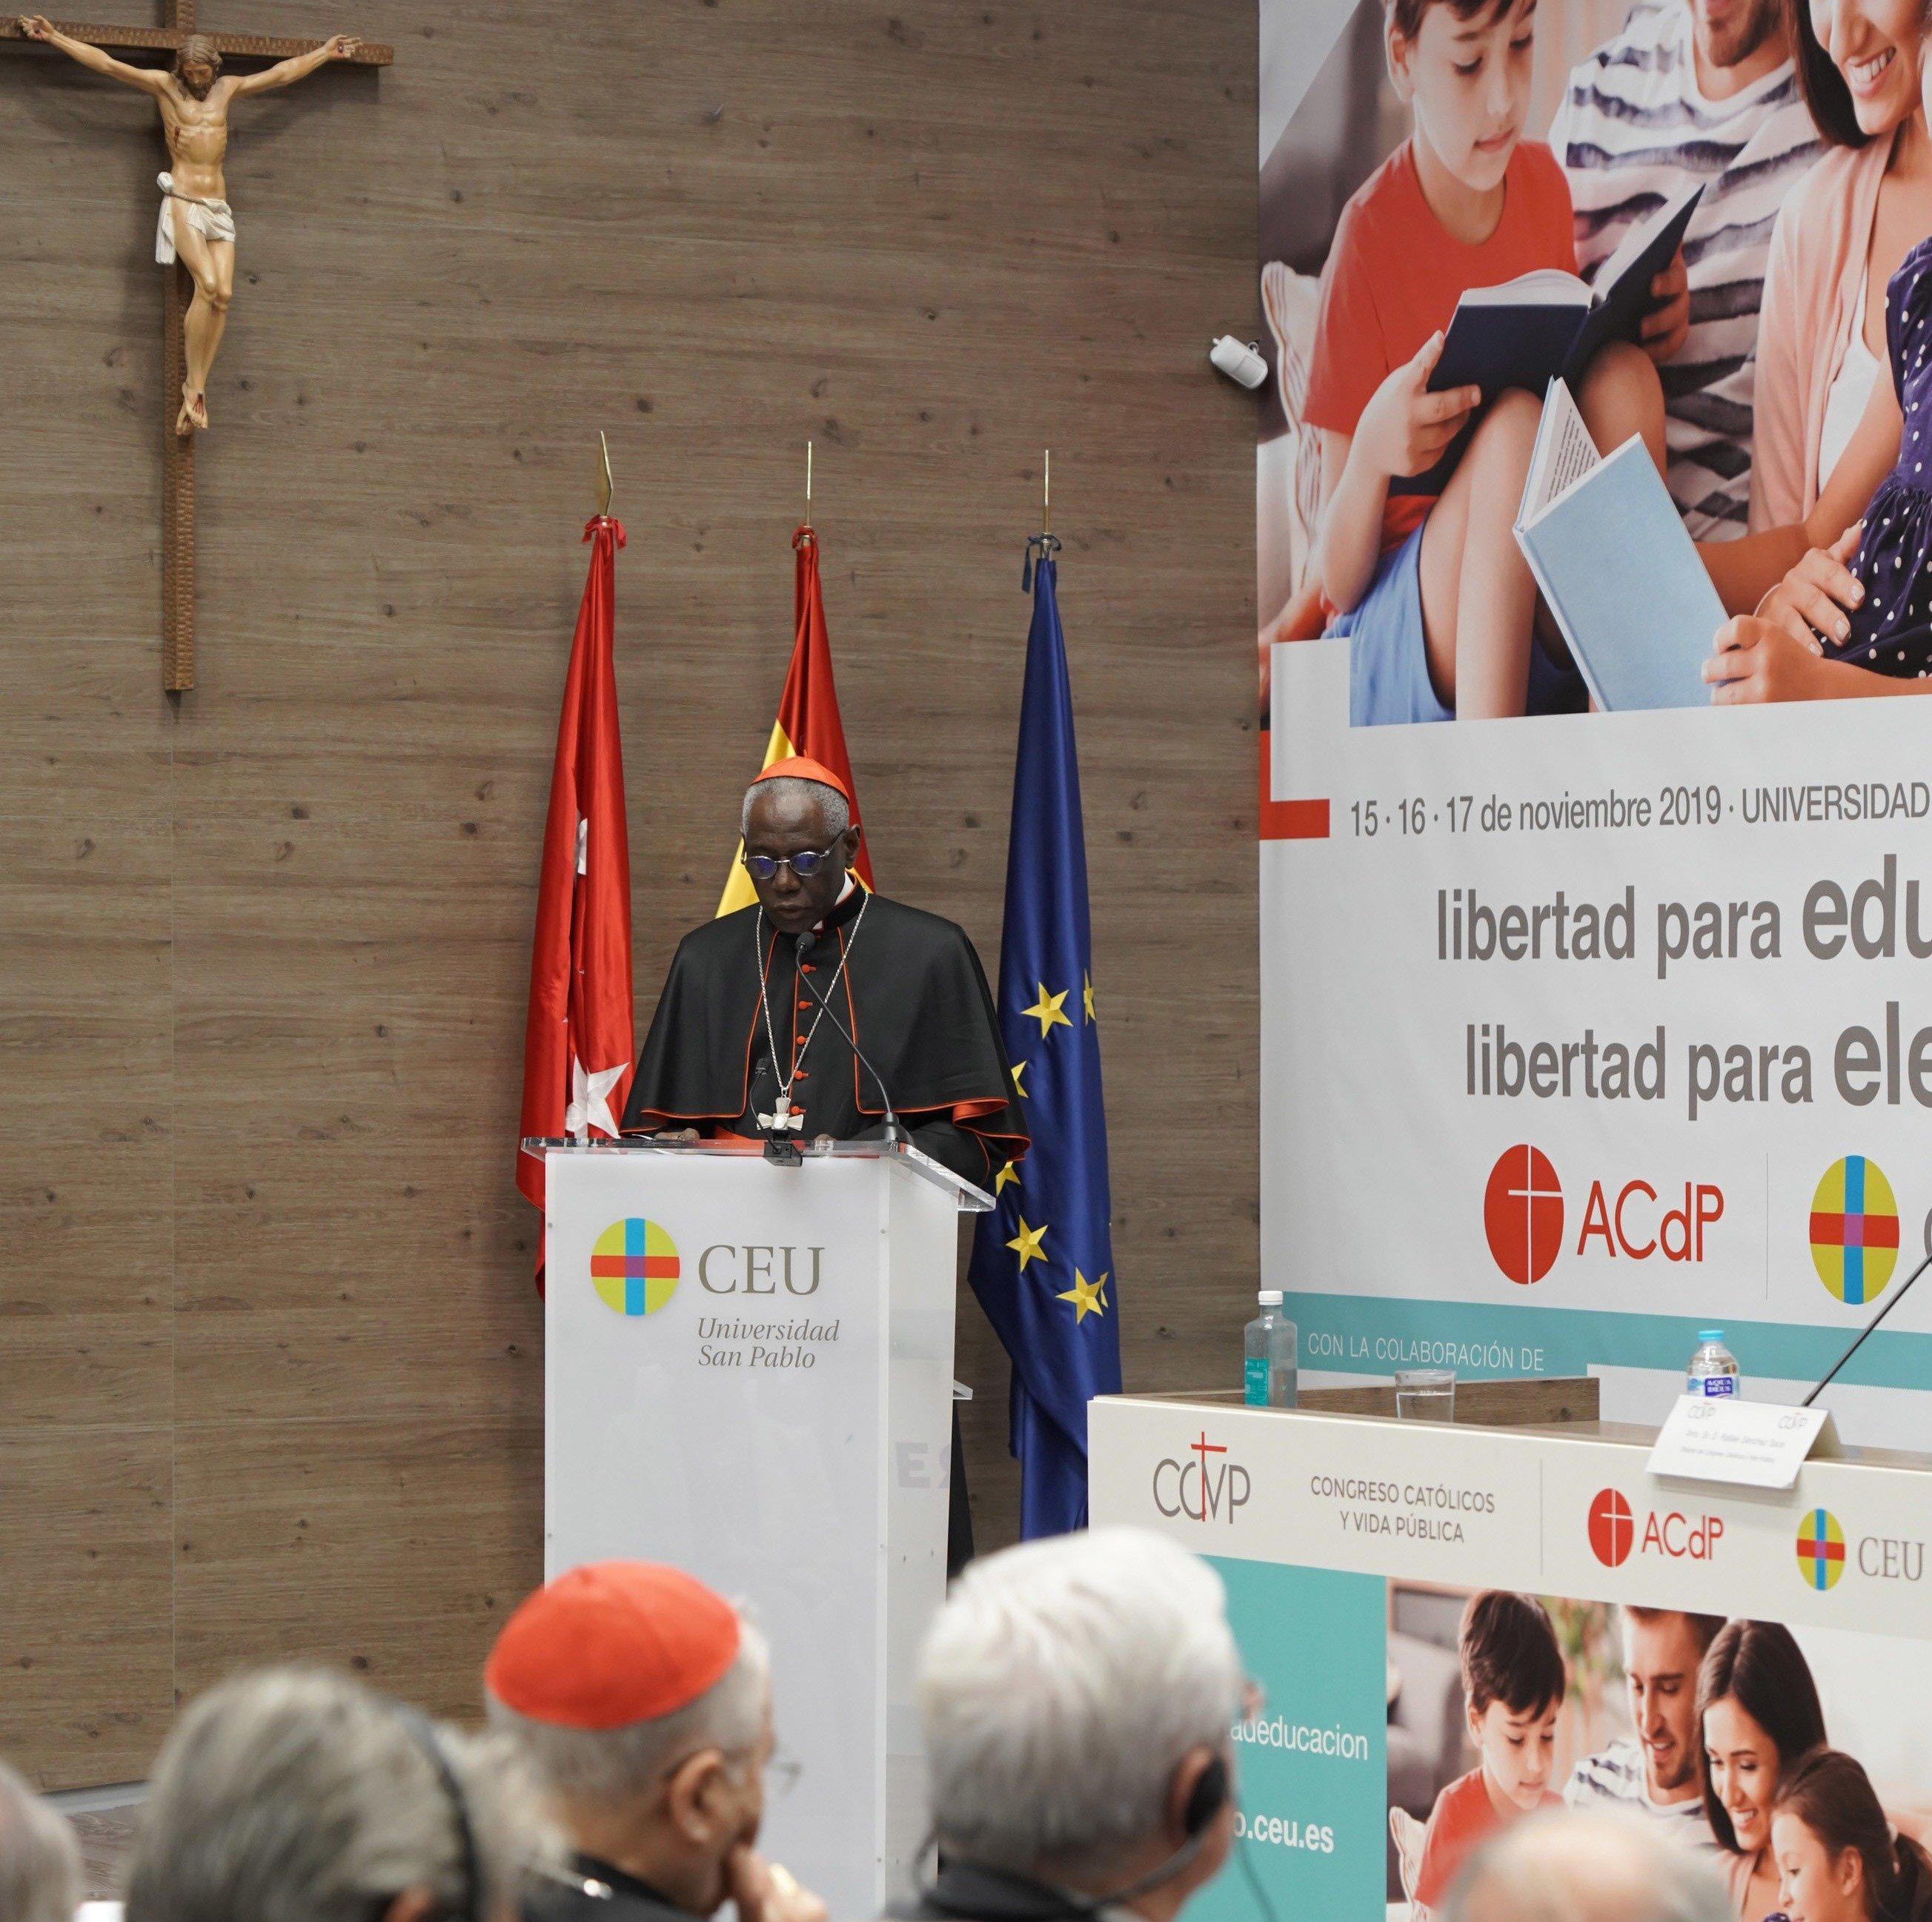 El cardenal Sarah y el medioambiente espiritual - María Solano Altaba - El Confidencial Digital